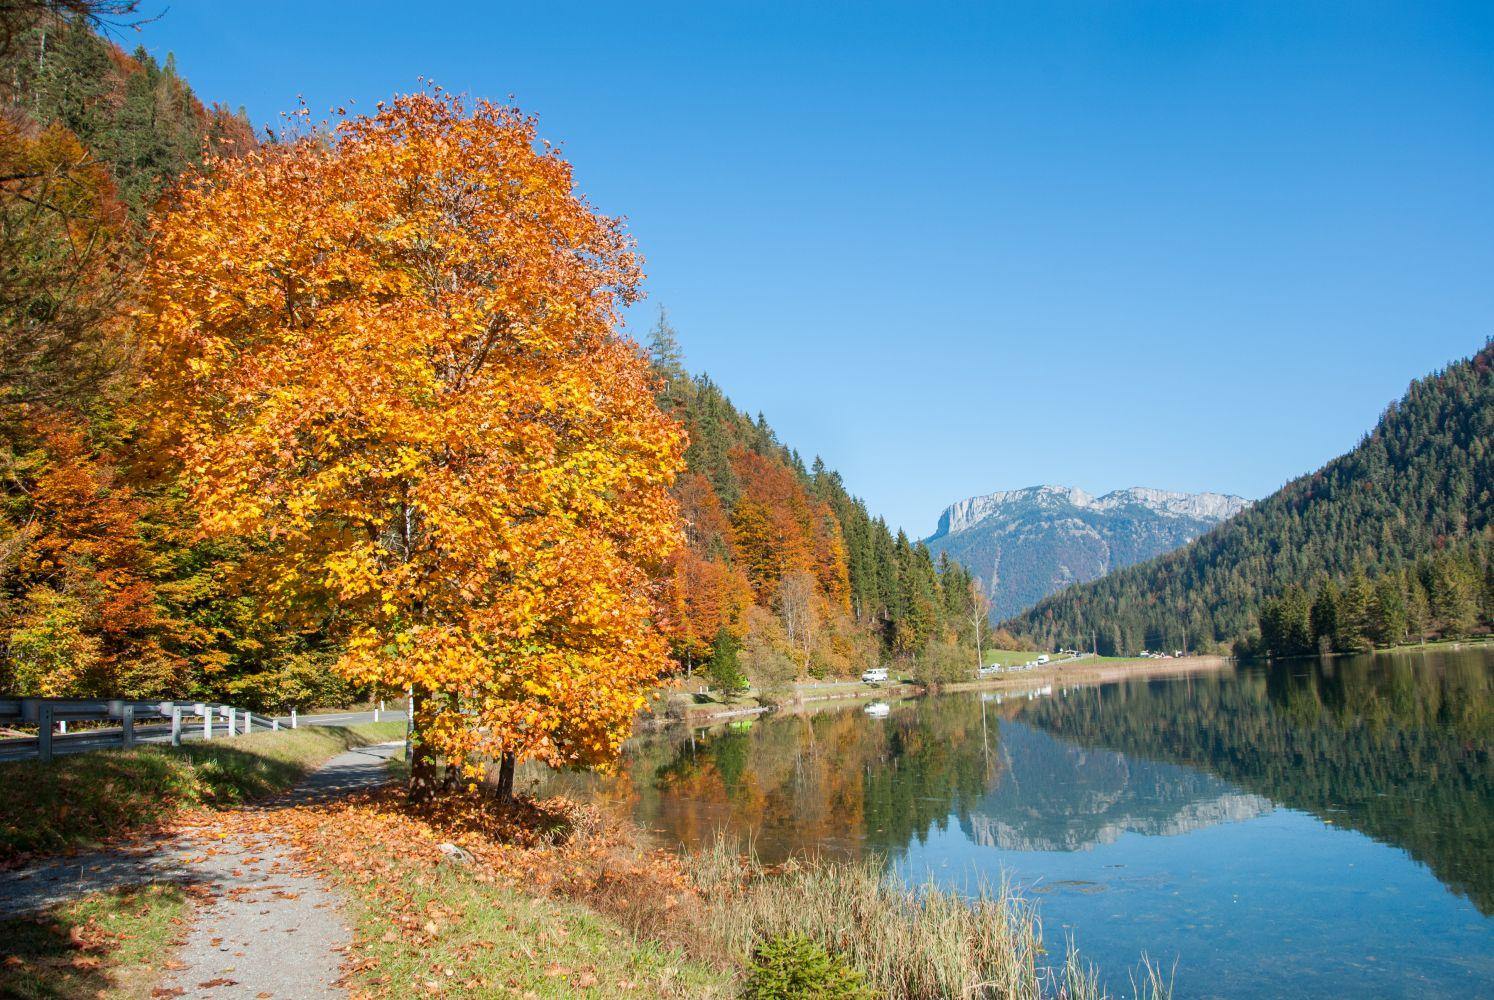 Gold getränkte Bäume, die sich im See spiegeln. Ein magisches Herbstbild